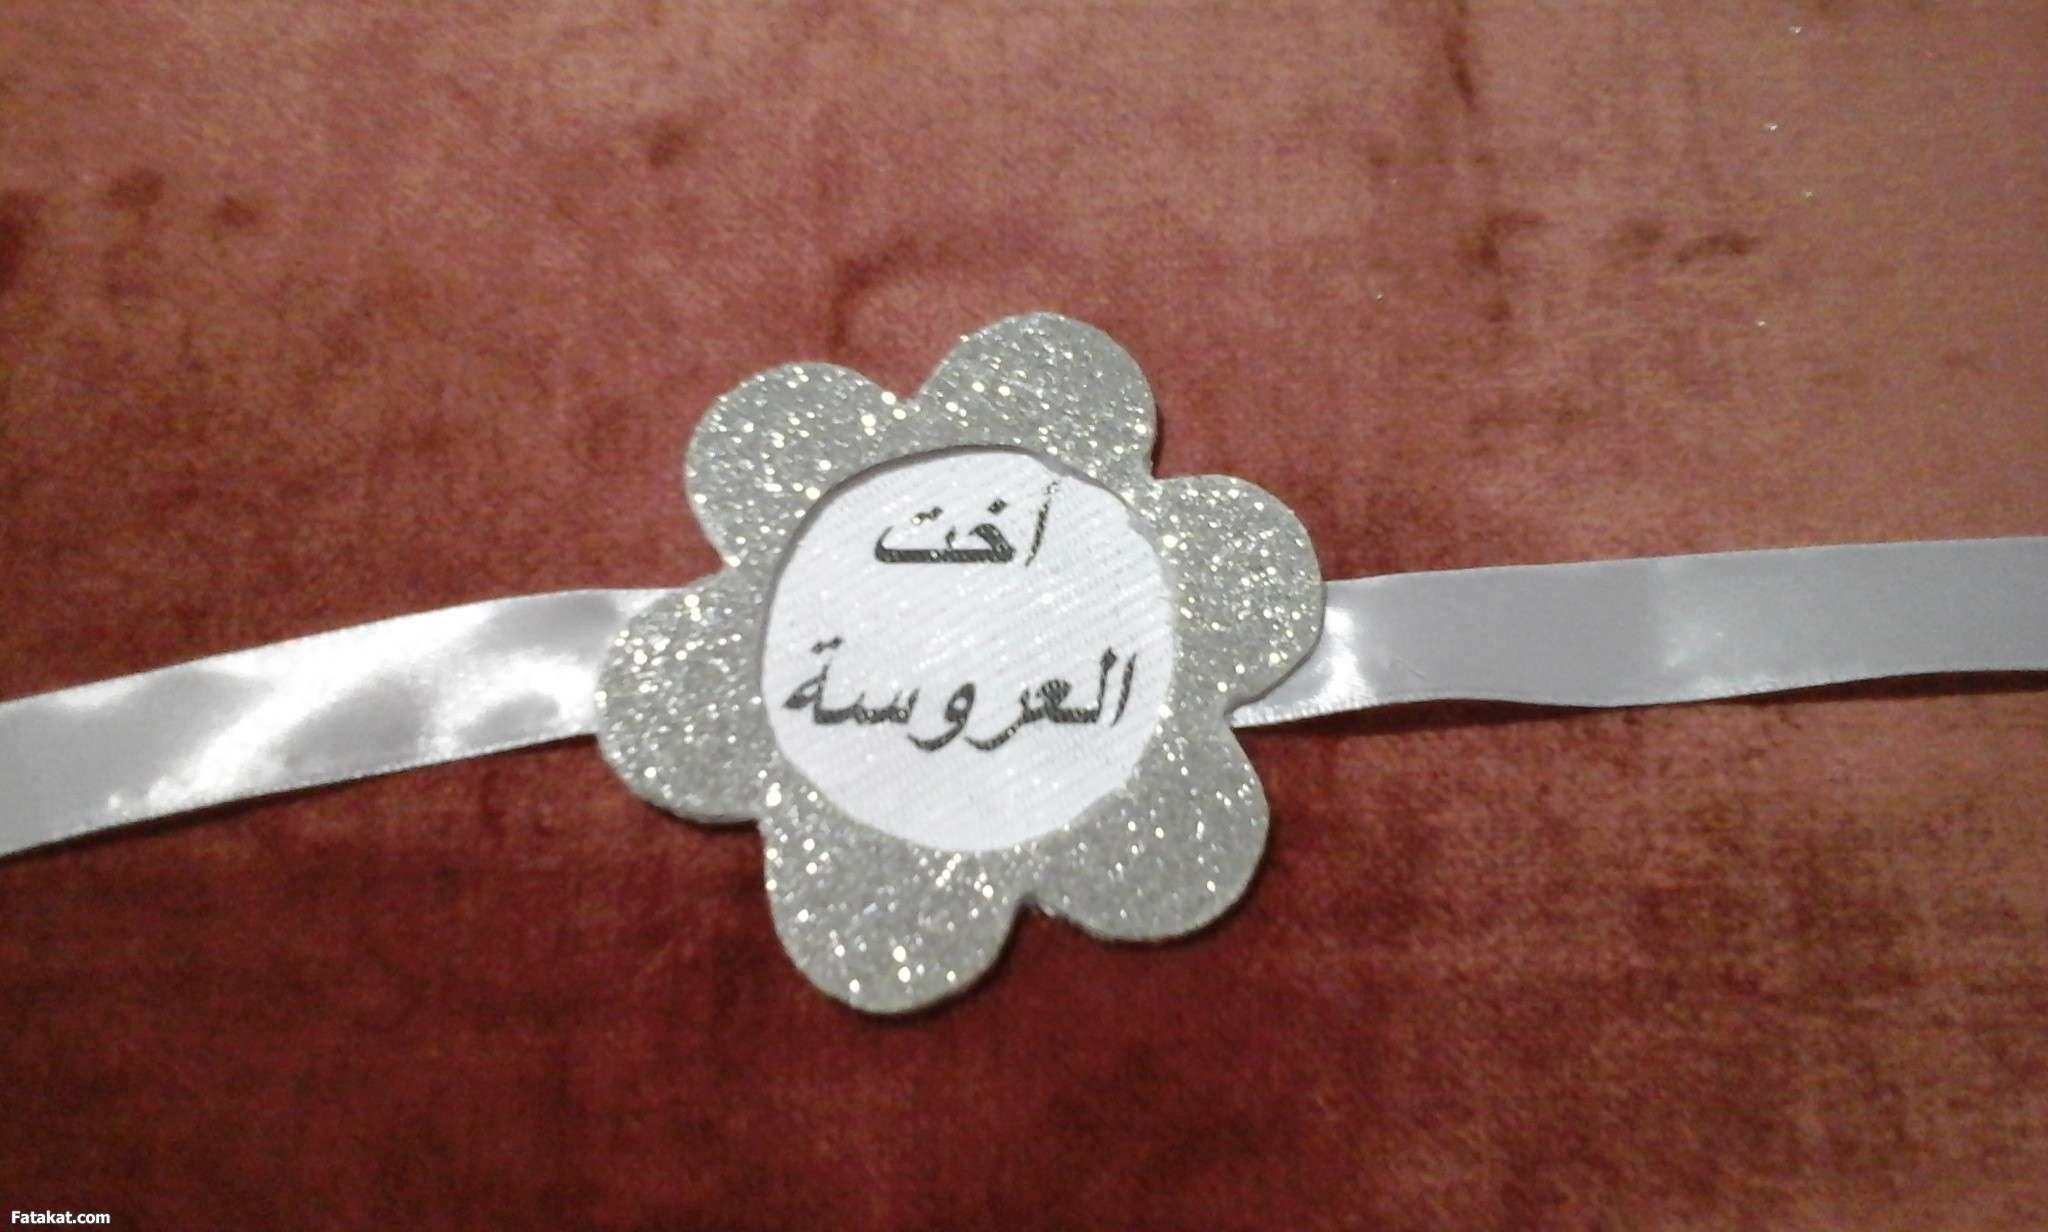 بالصور صور مكتوب عليها اخت العروسه , اجمل صور لاخت العروسه 6538 2